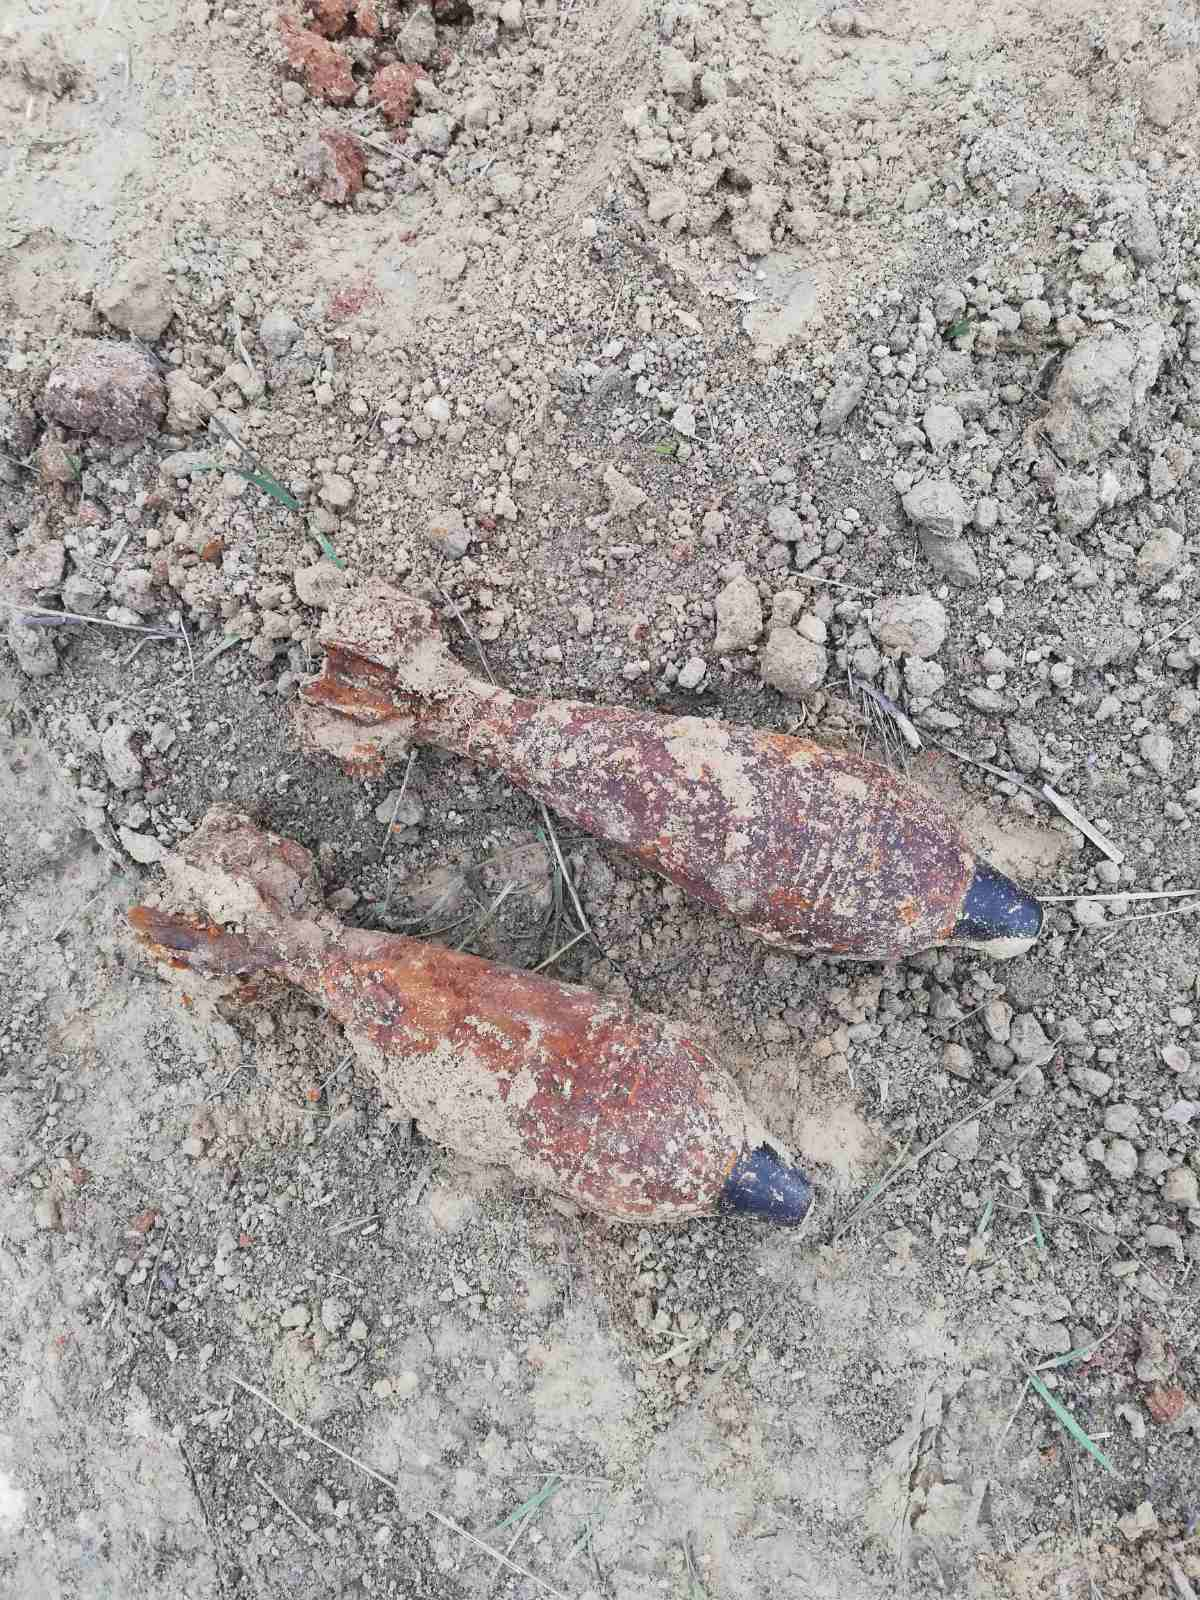 У Білій Церкві та на Миронівщині знайшли небезпечні предмети - Миронівський район, ДСНС, вибухонебезпечні предмети, Біла Церква - IMG bc36e2e4981ee8b1fc61420b52642d8d V